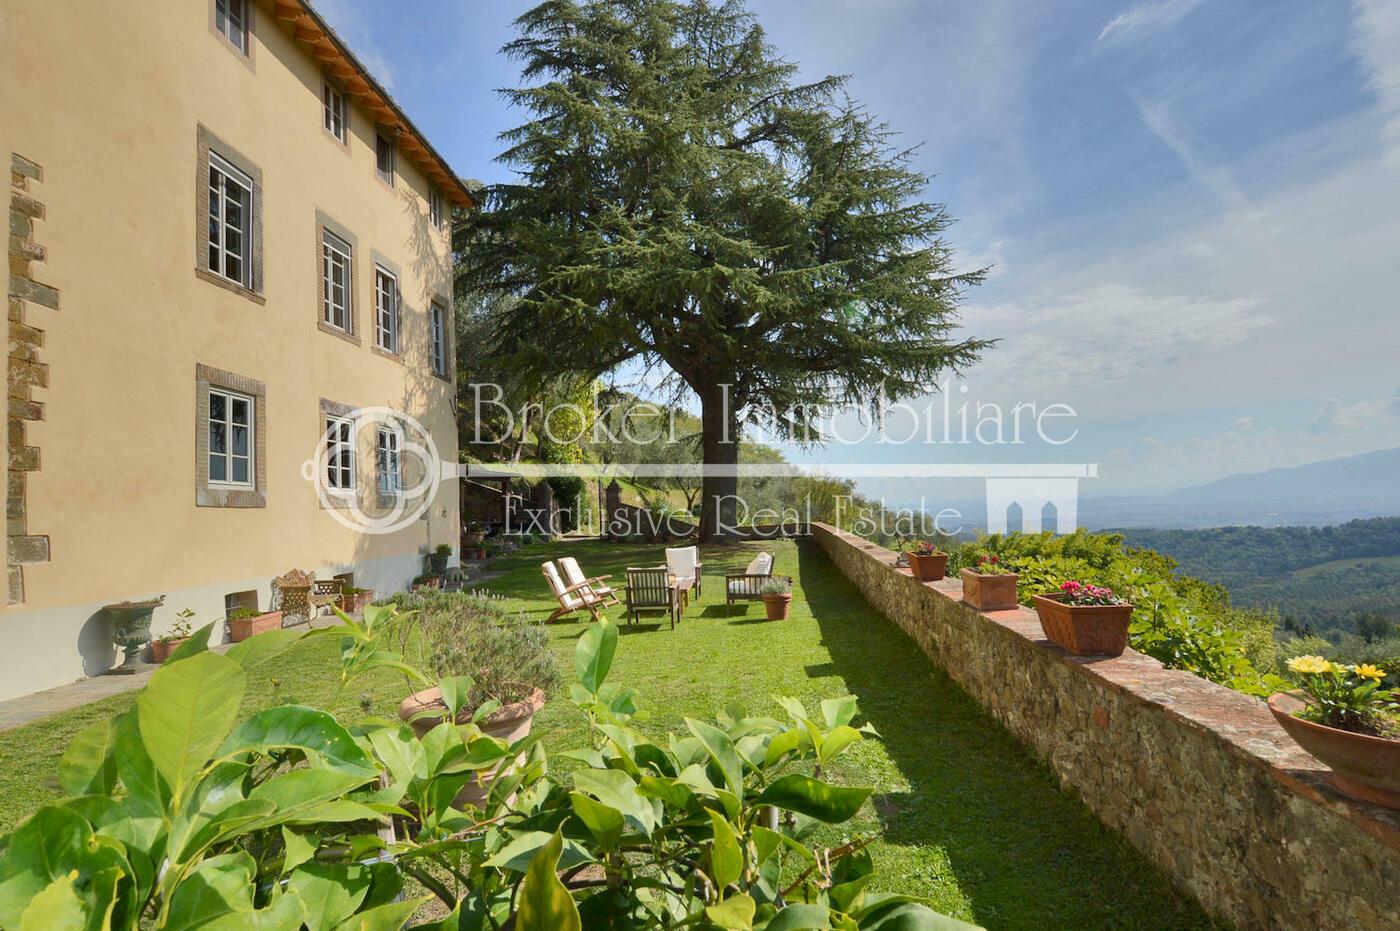 Villa storica in vendita a Lucca con piscina in posizione collinare